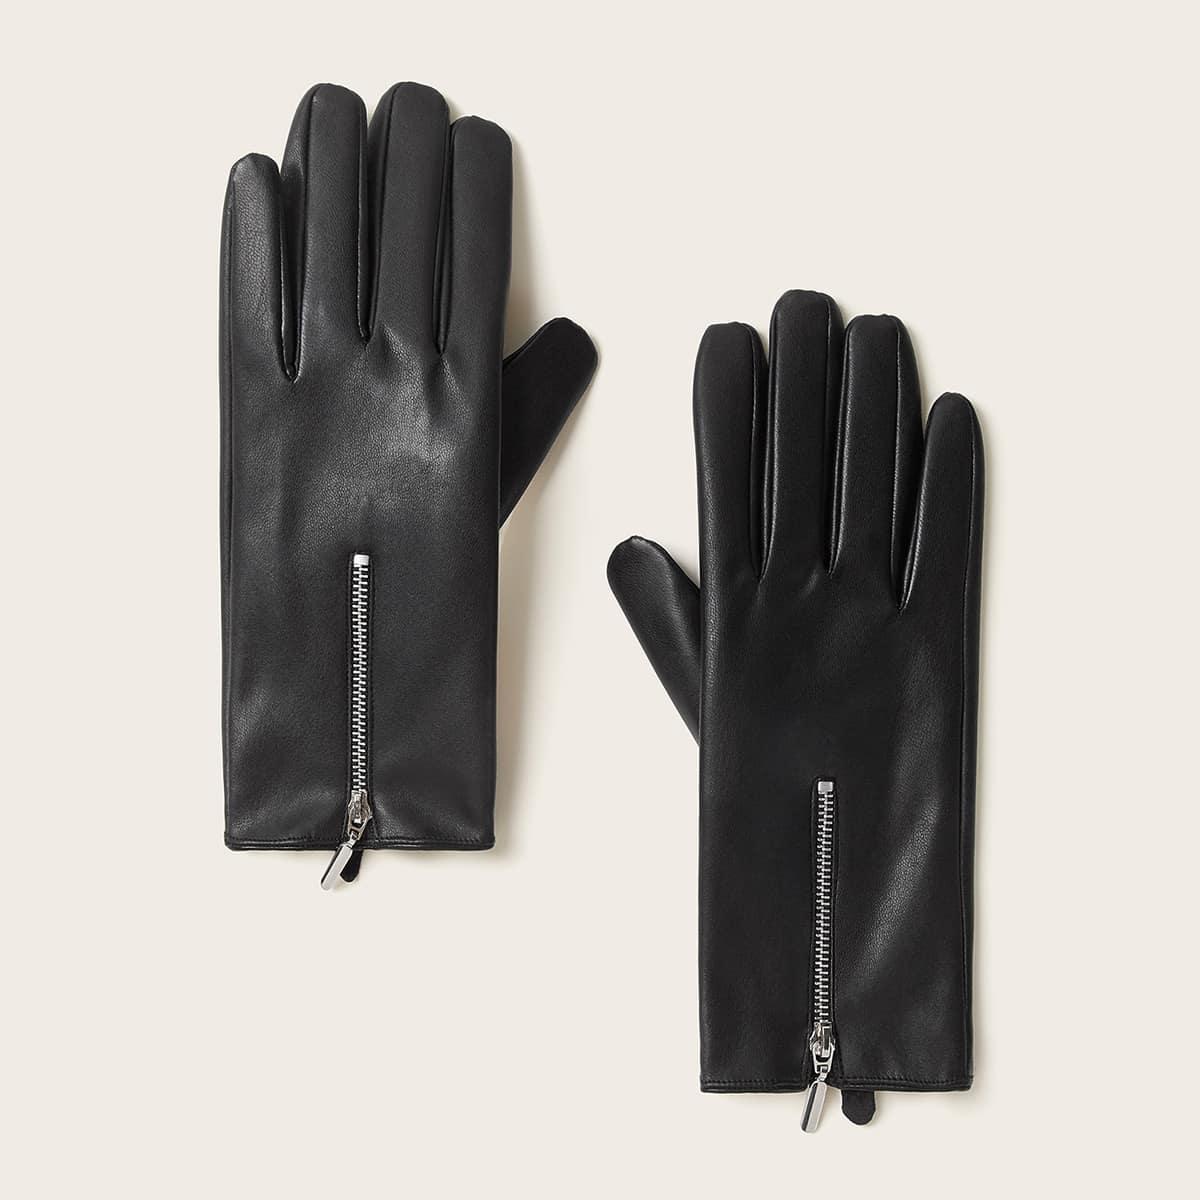 1 paar PU-handschoenen met ritssluiting